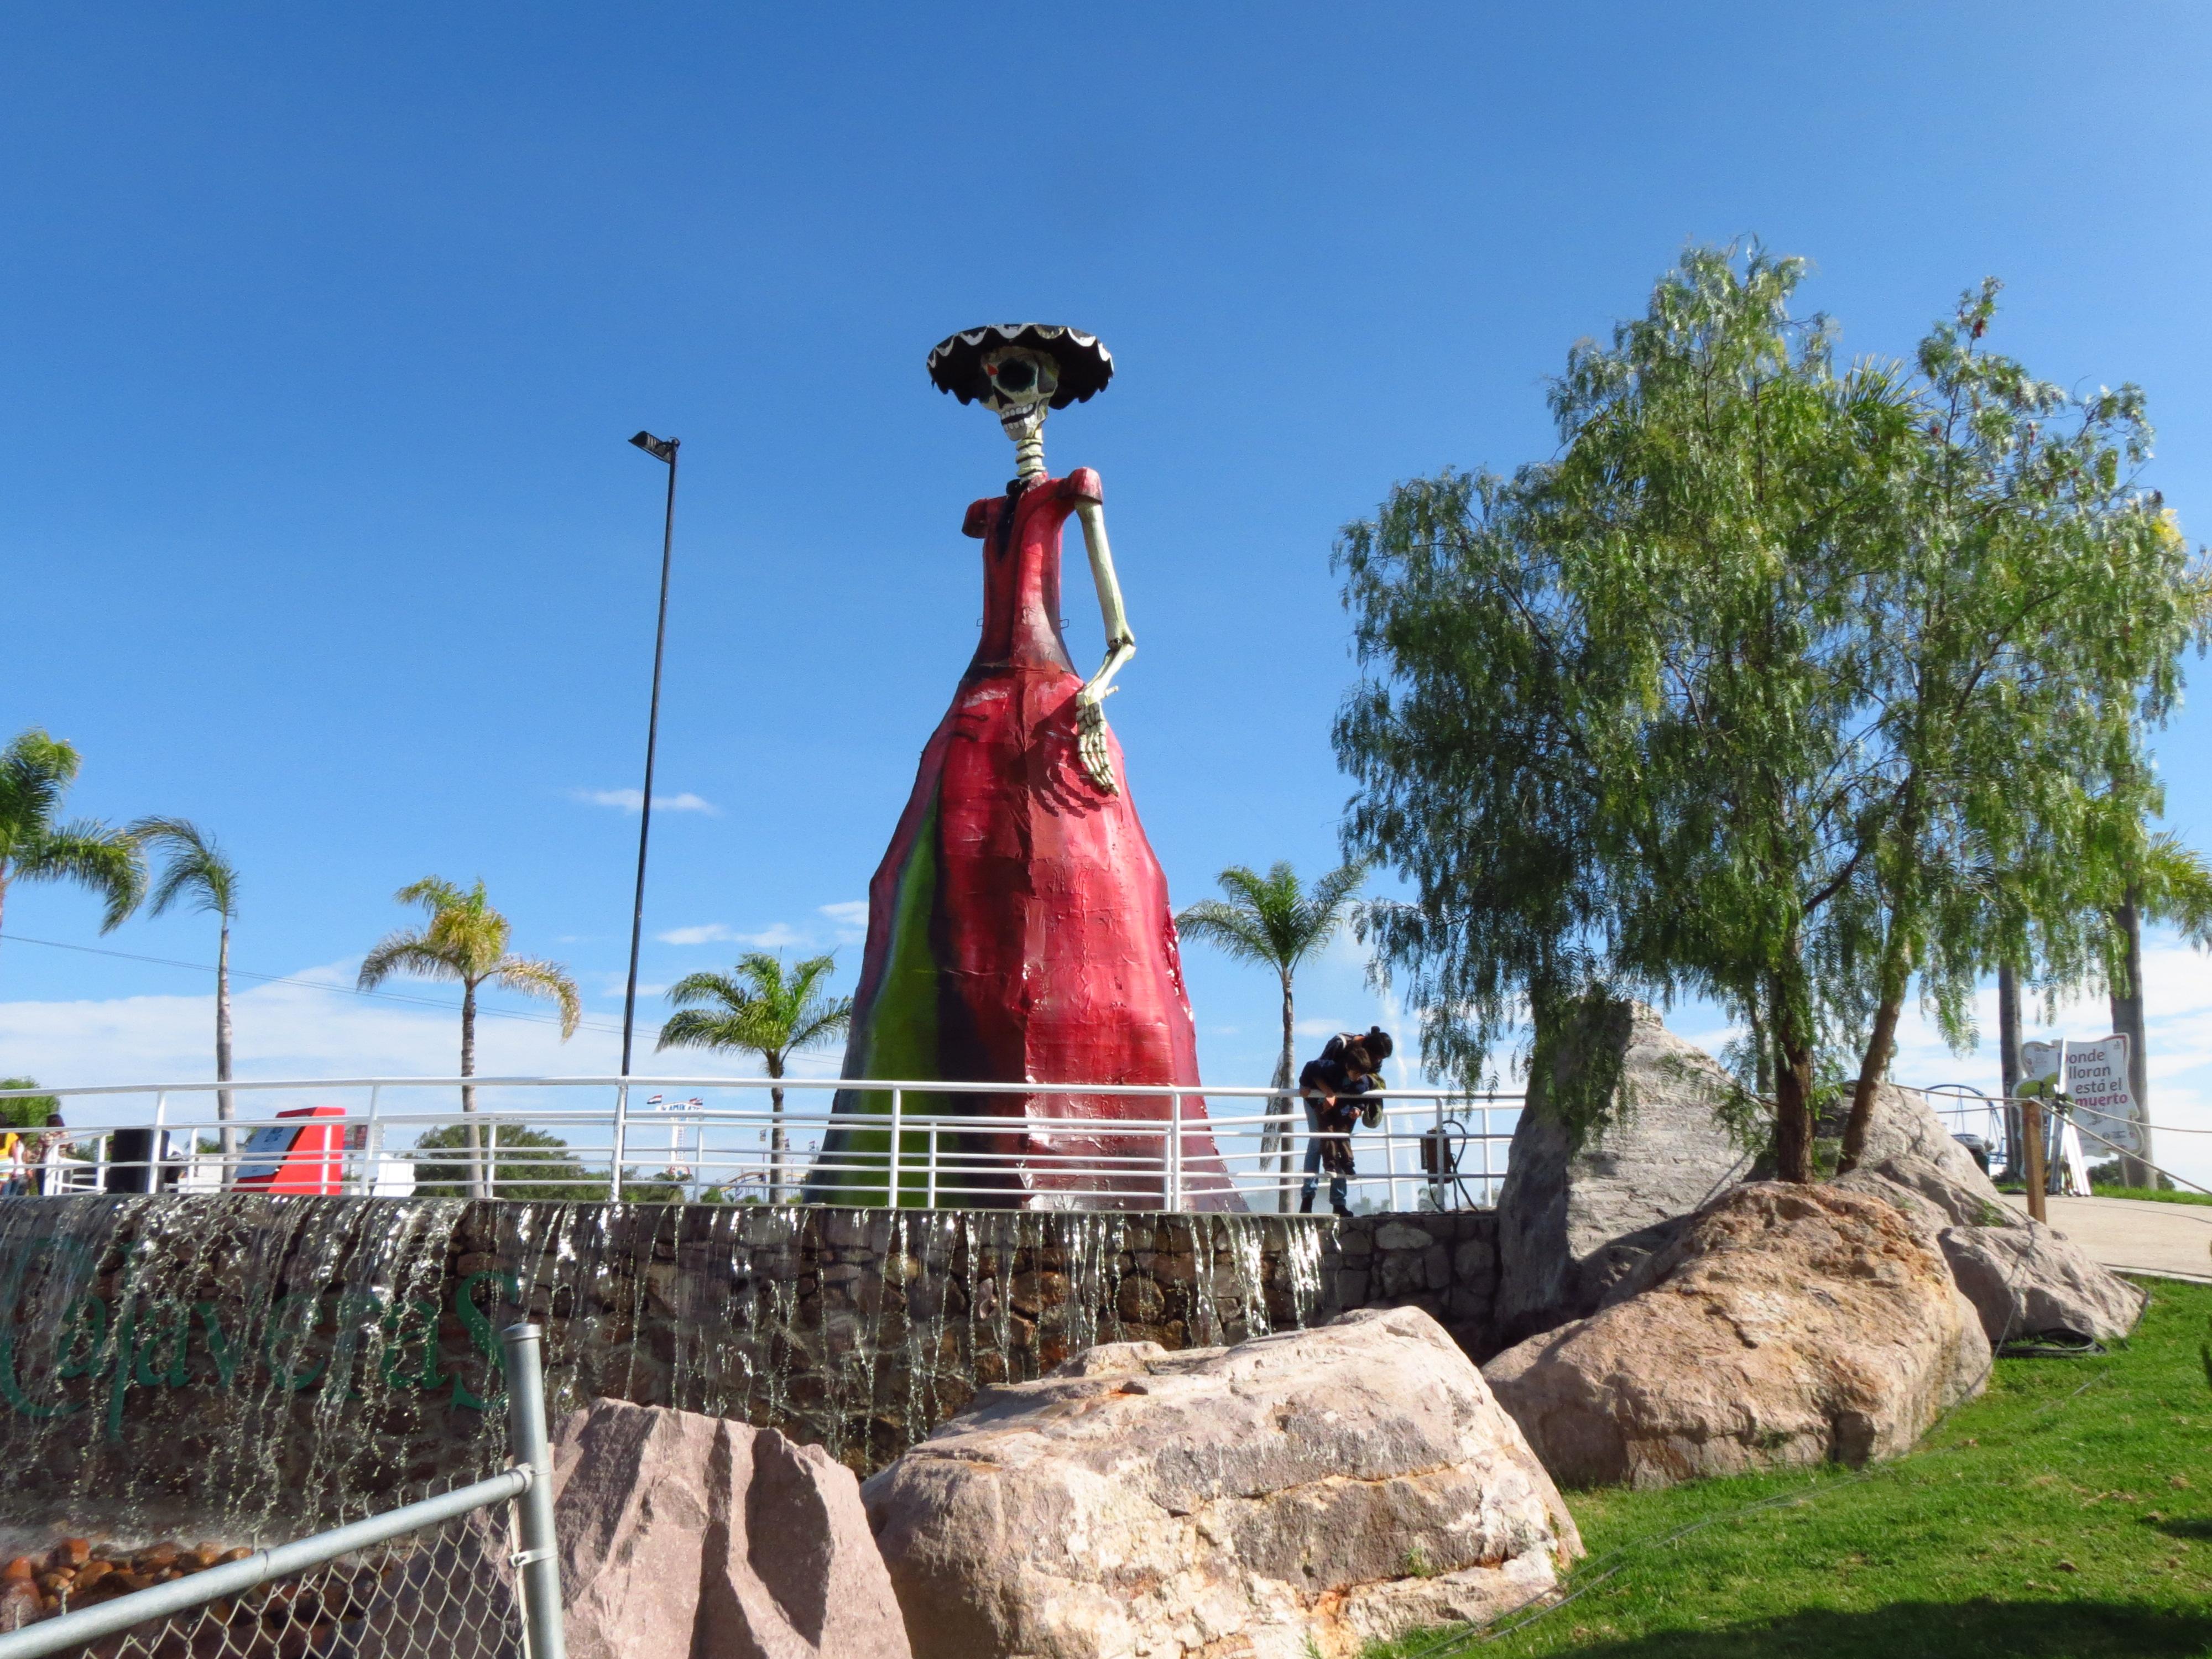 File:Festival de las calaveras 2013, en la Isla San Marcos ...